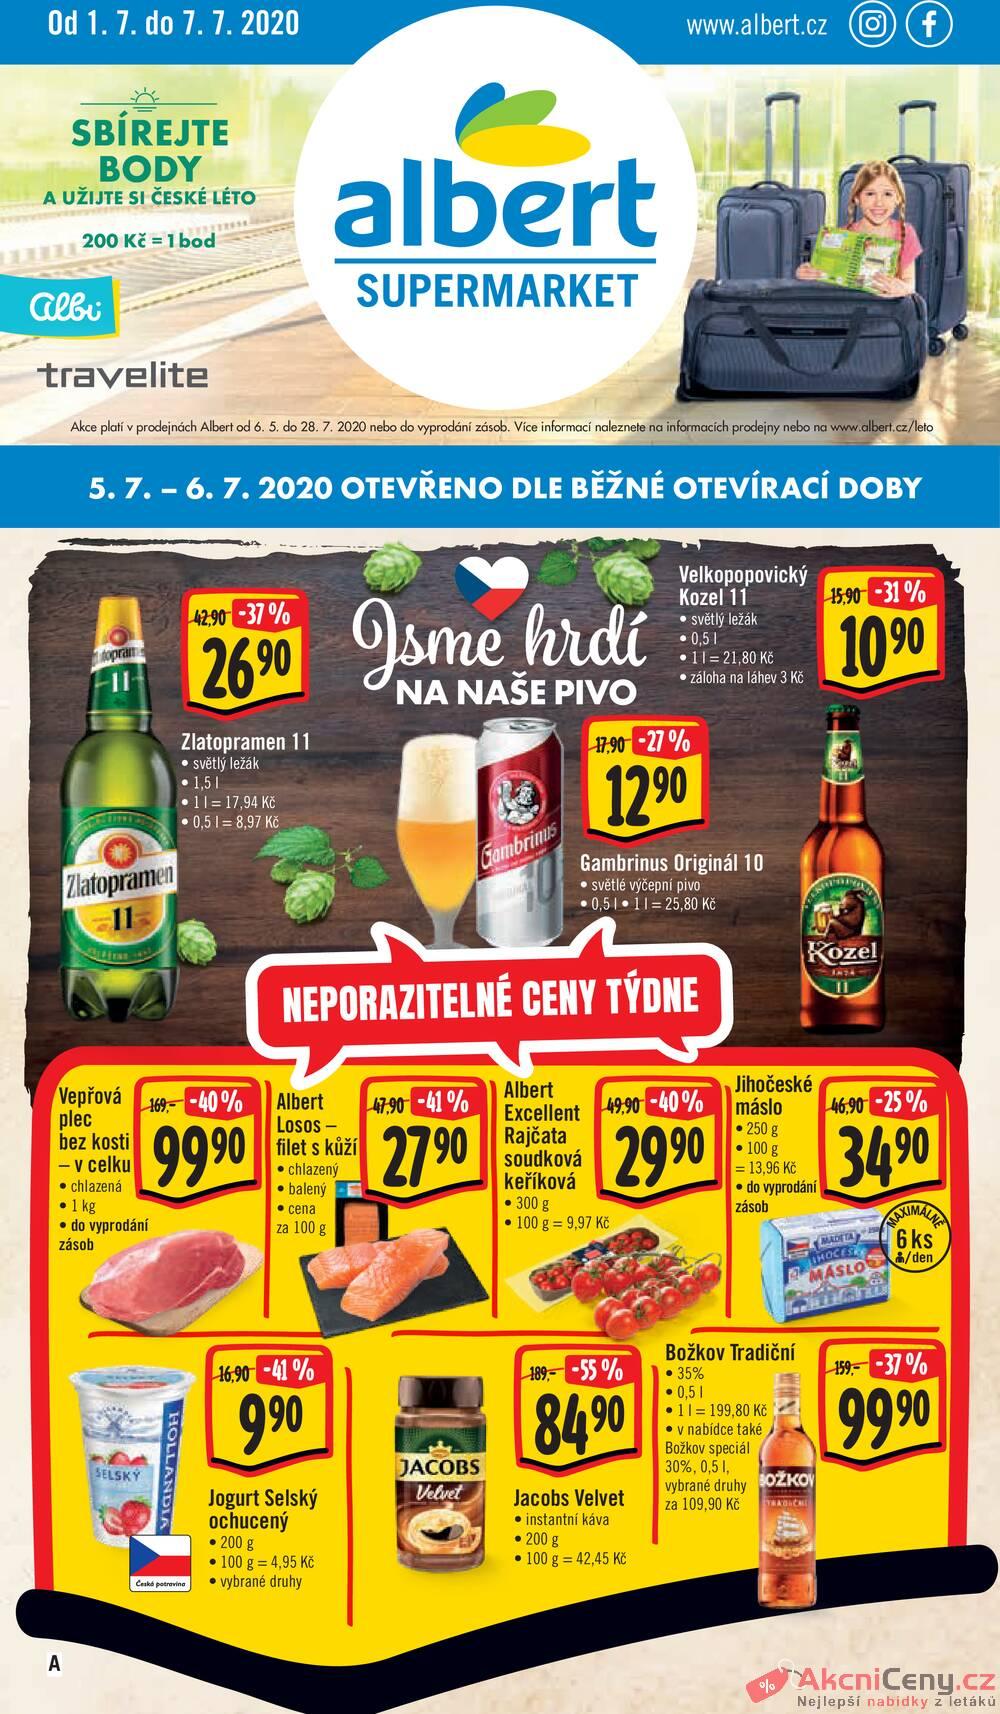 Leták Albert - Albert Supermarket od 1.7. do 7.7.2020 - strana 1